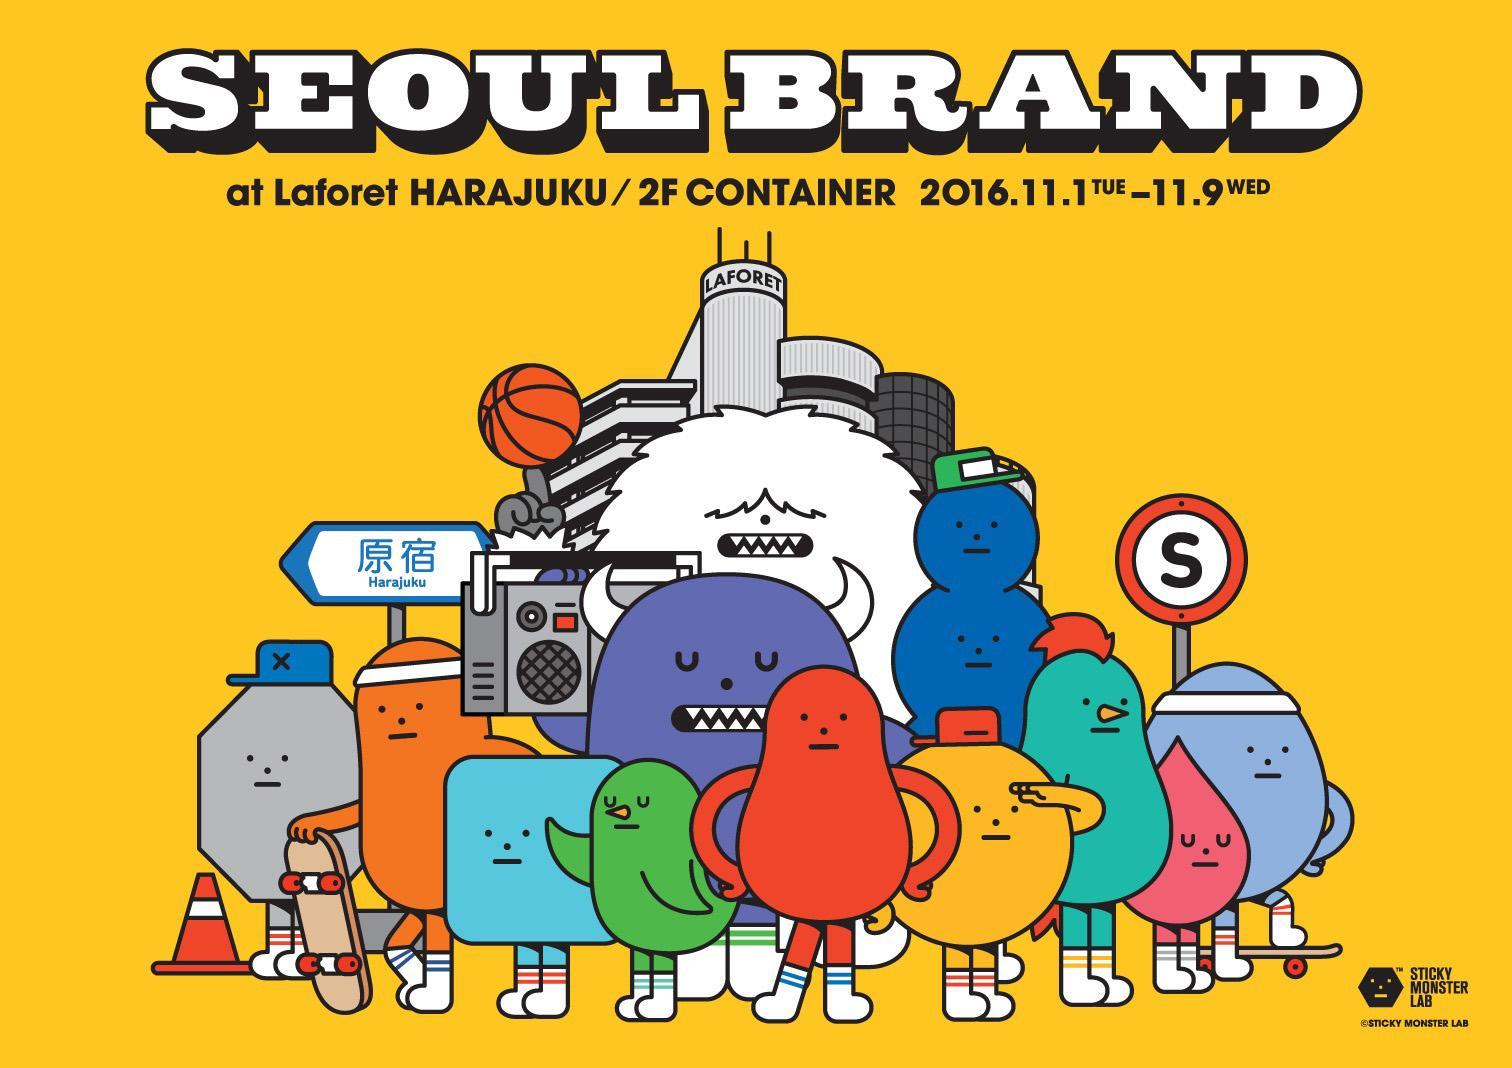 ラフォーレ原宿でSEOUL BRAND at Laforet HARAJUKU開催! ソウルファッションウィーク参加のブランドや日本初出店ブランドが多数登場